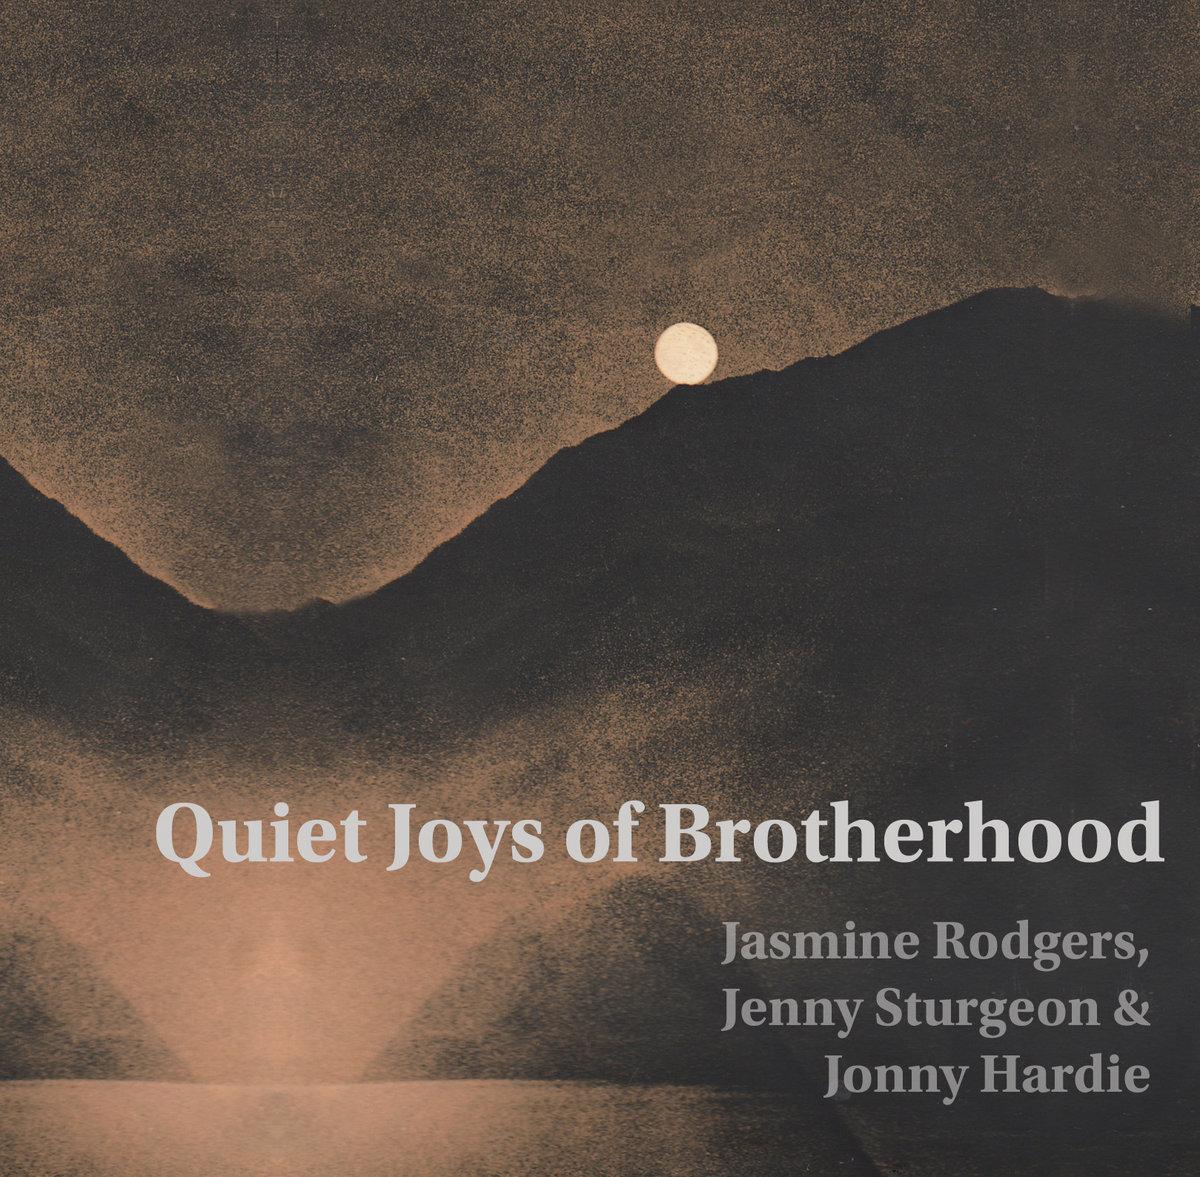 Quiet Joys of Brotherhood by Jasmine Rodgers, Jenny Sturgeon, Jonny Hardie